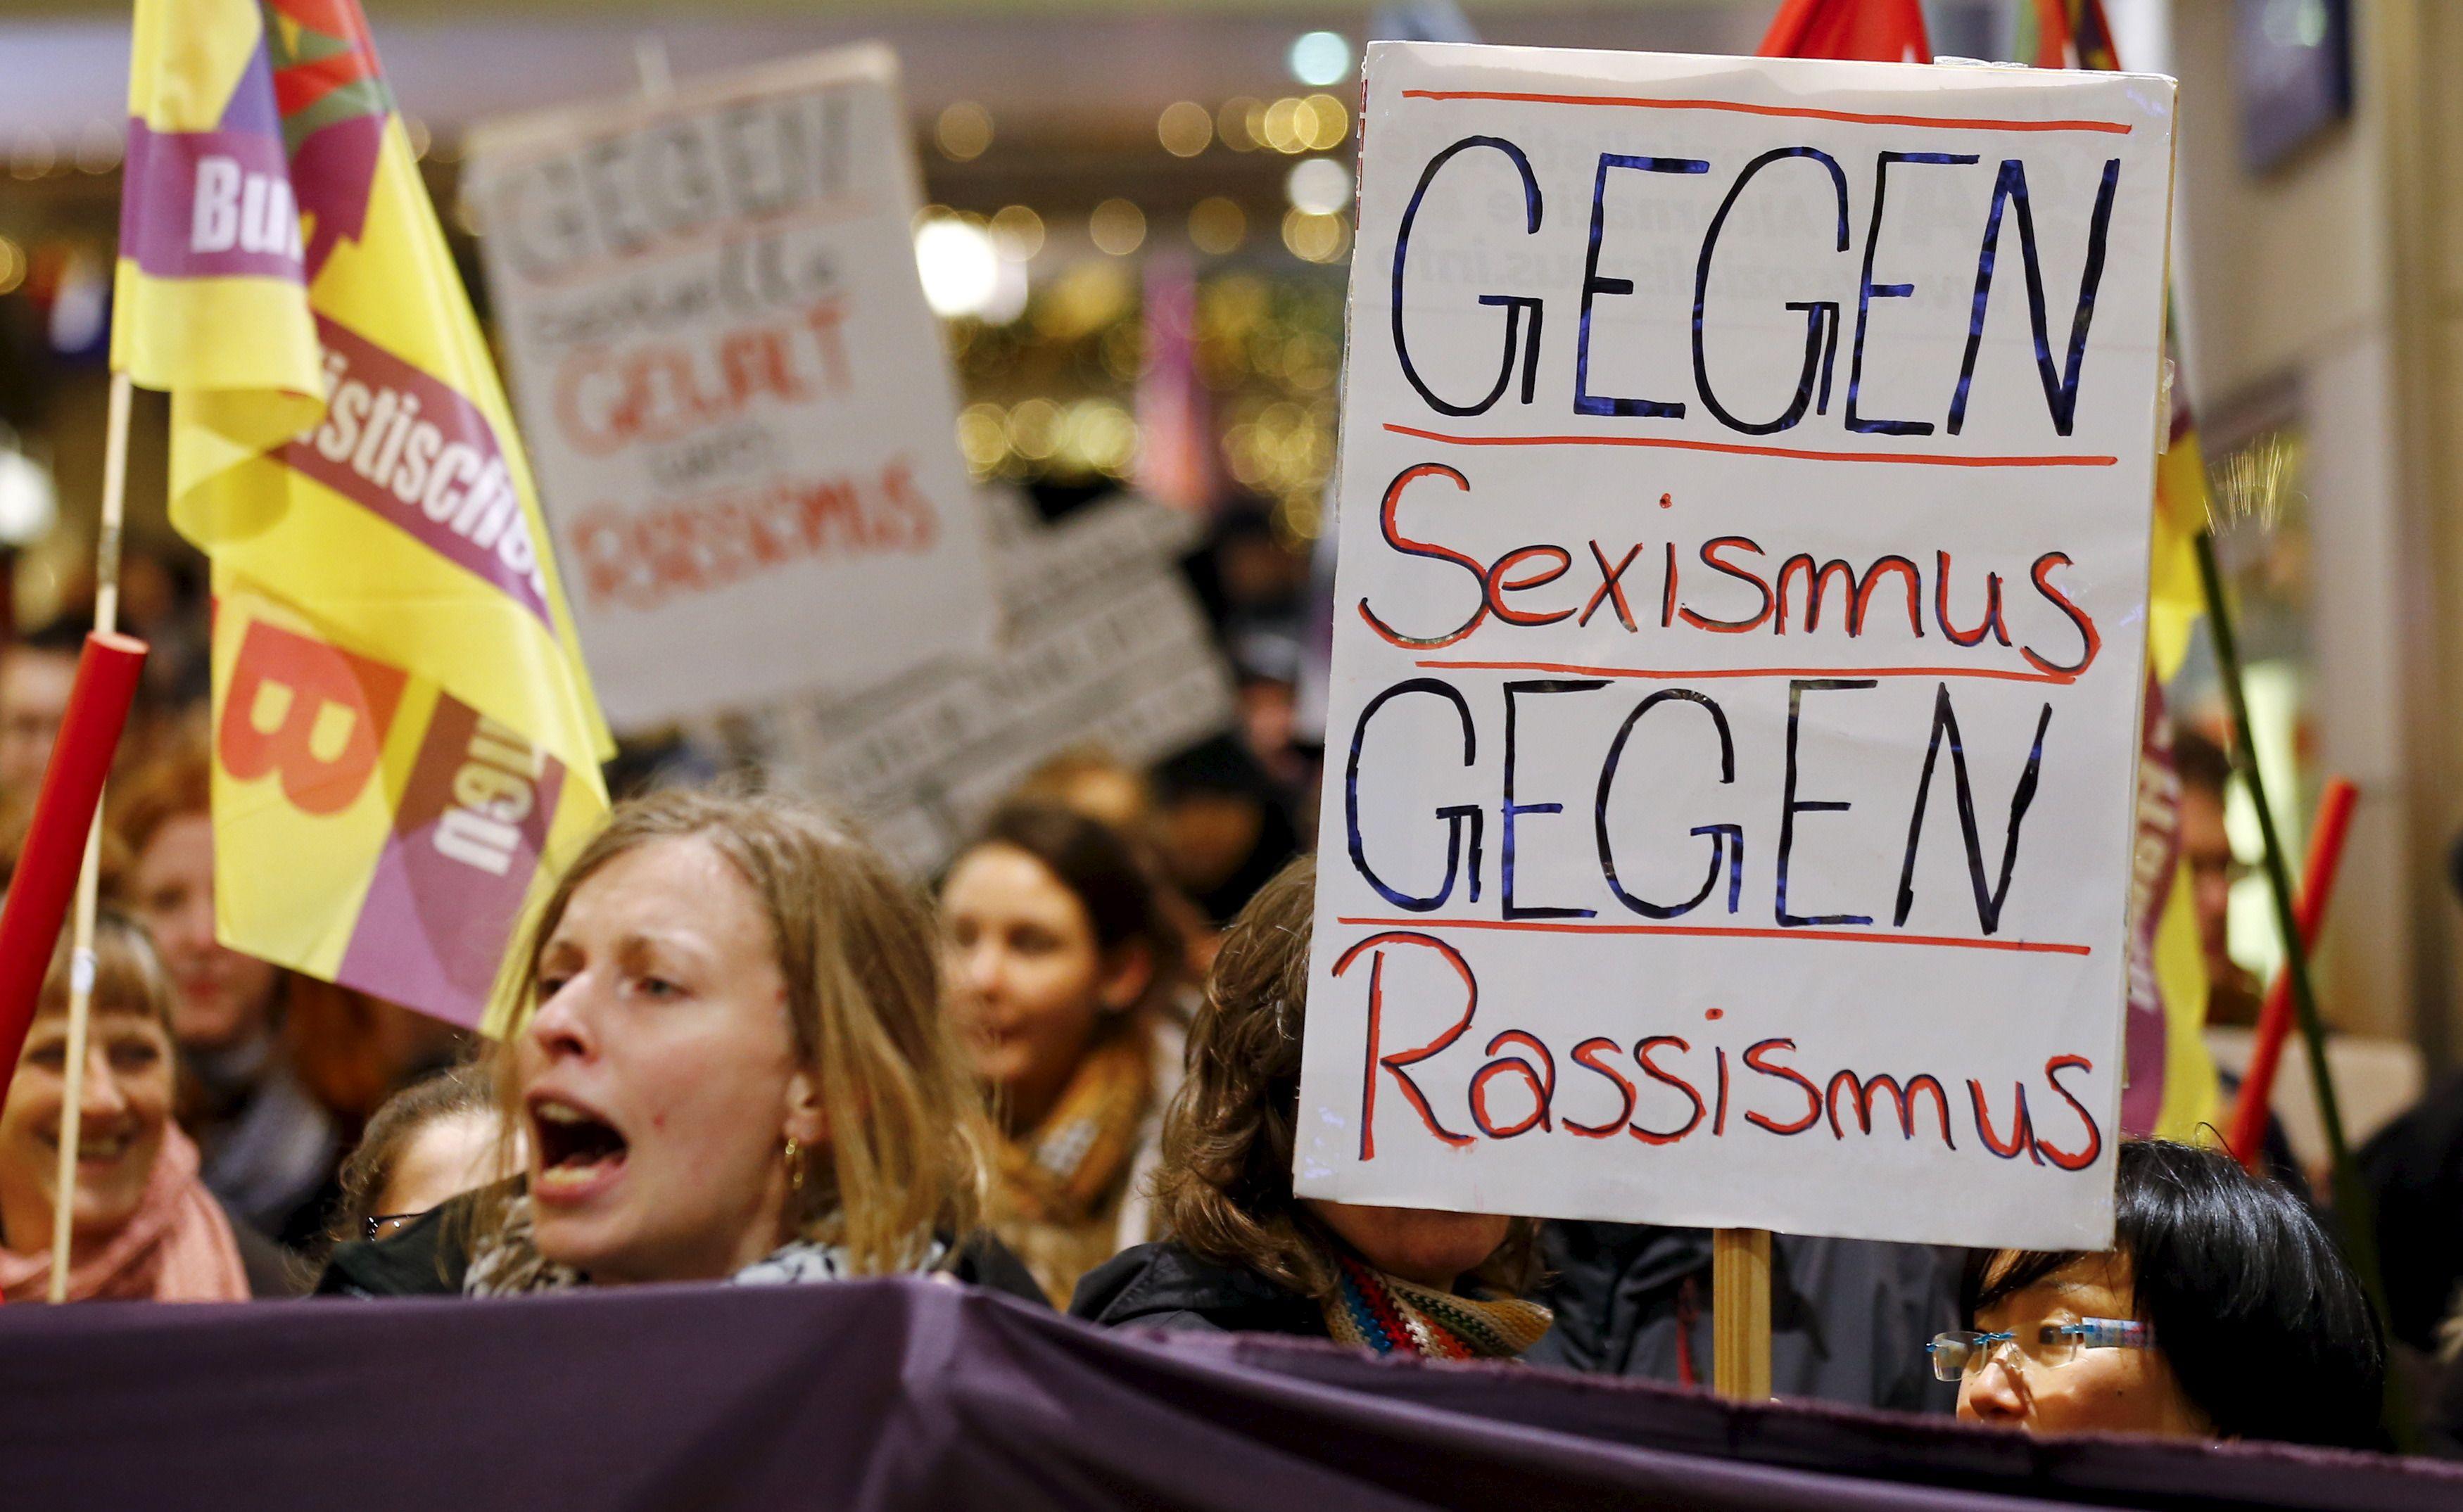 Et après Cologne, on dit quoi ? La France prise au piège intellectuel de 30 ans d'anti-racisme dévoyé